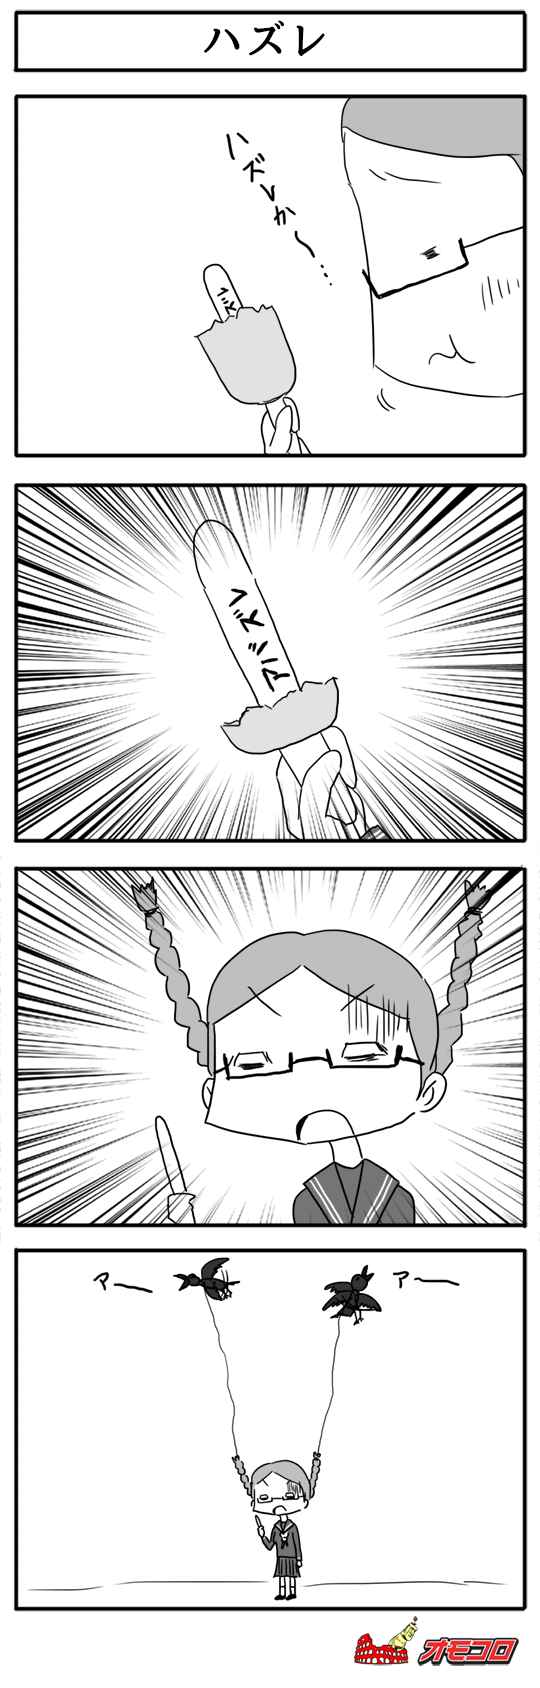 【4コマ漫画】ハズレ